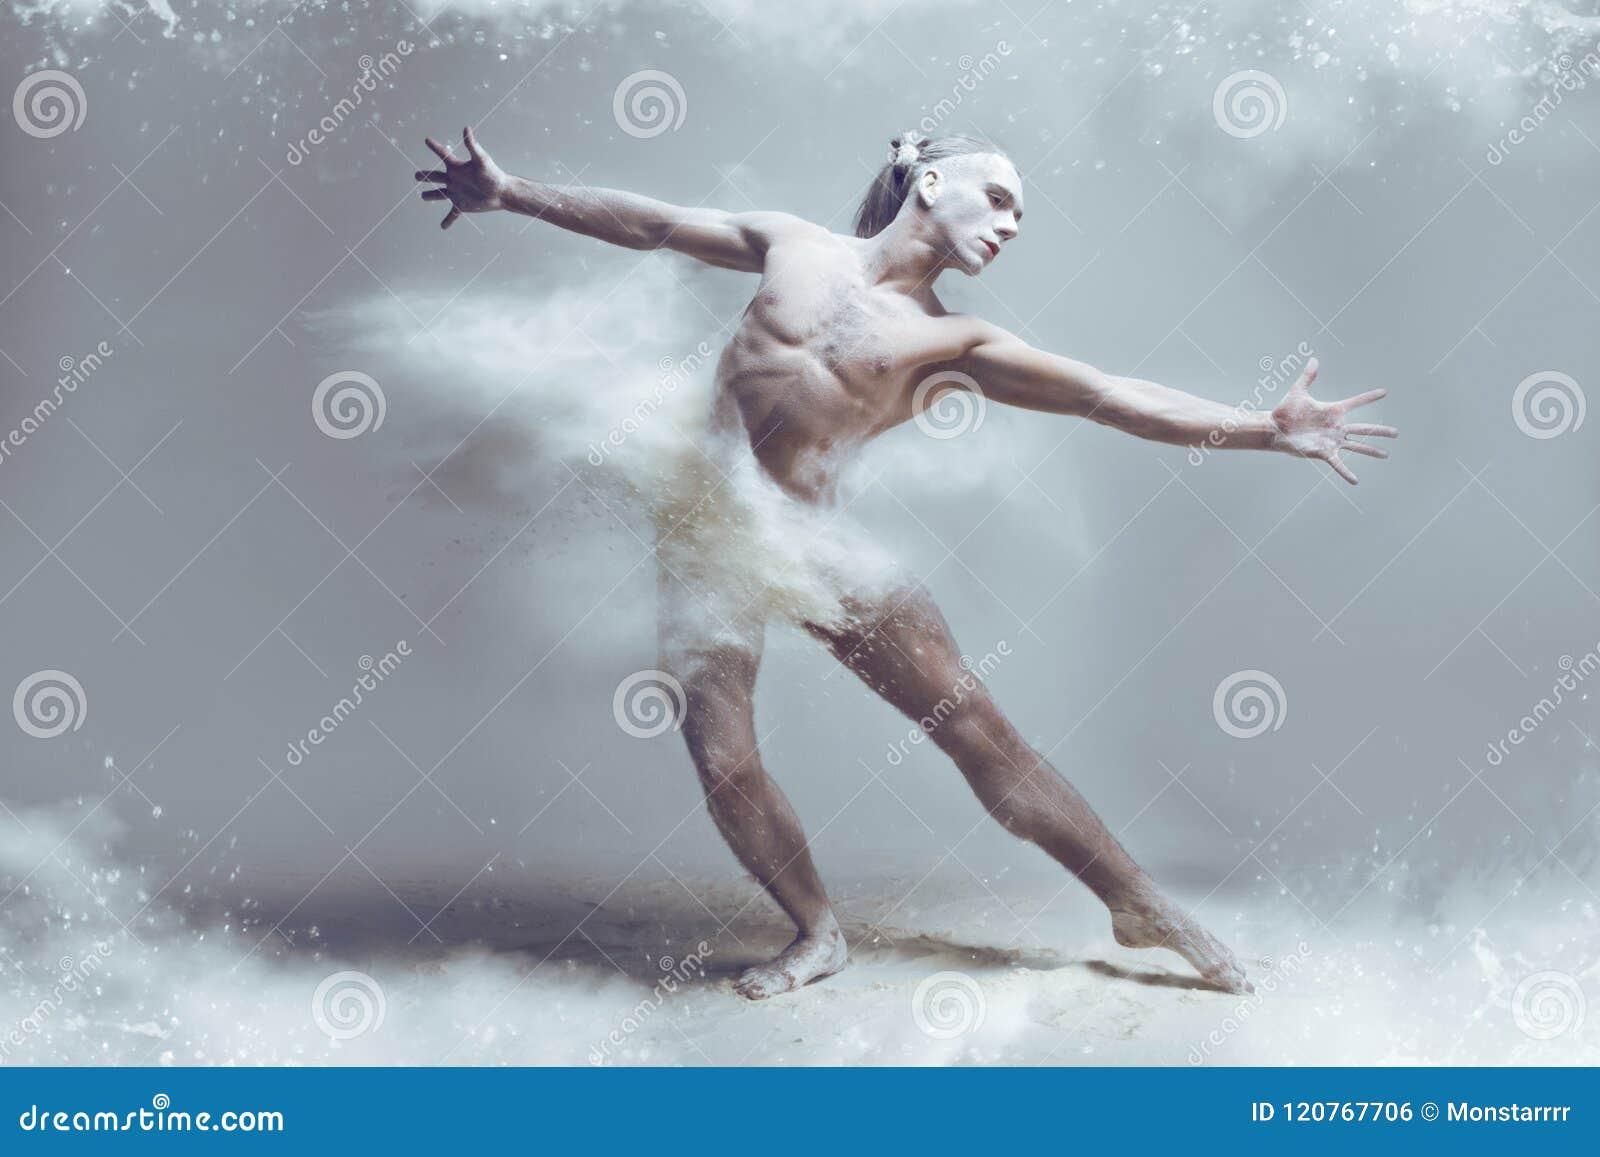 Muscle man dancer in dust / fog